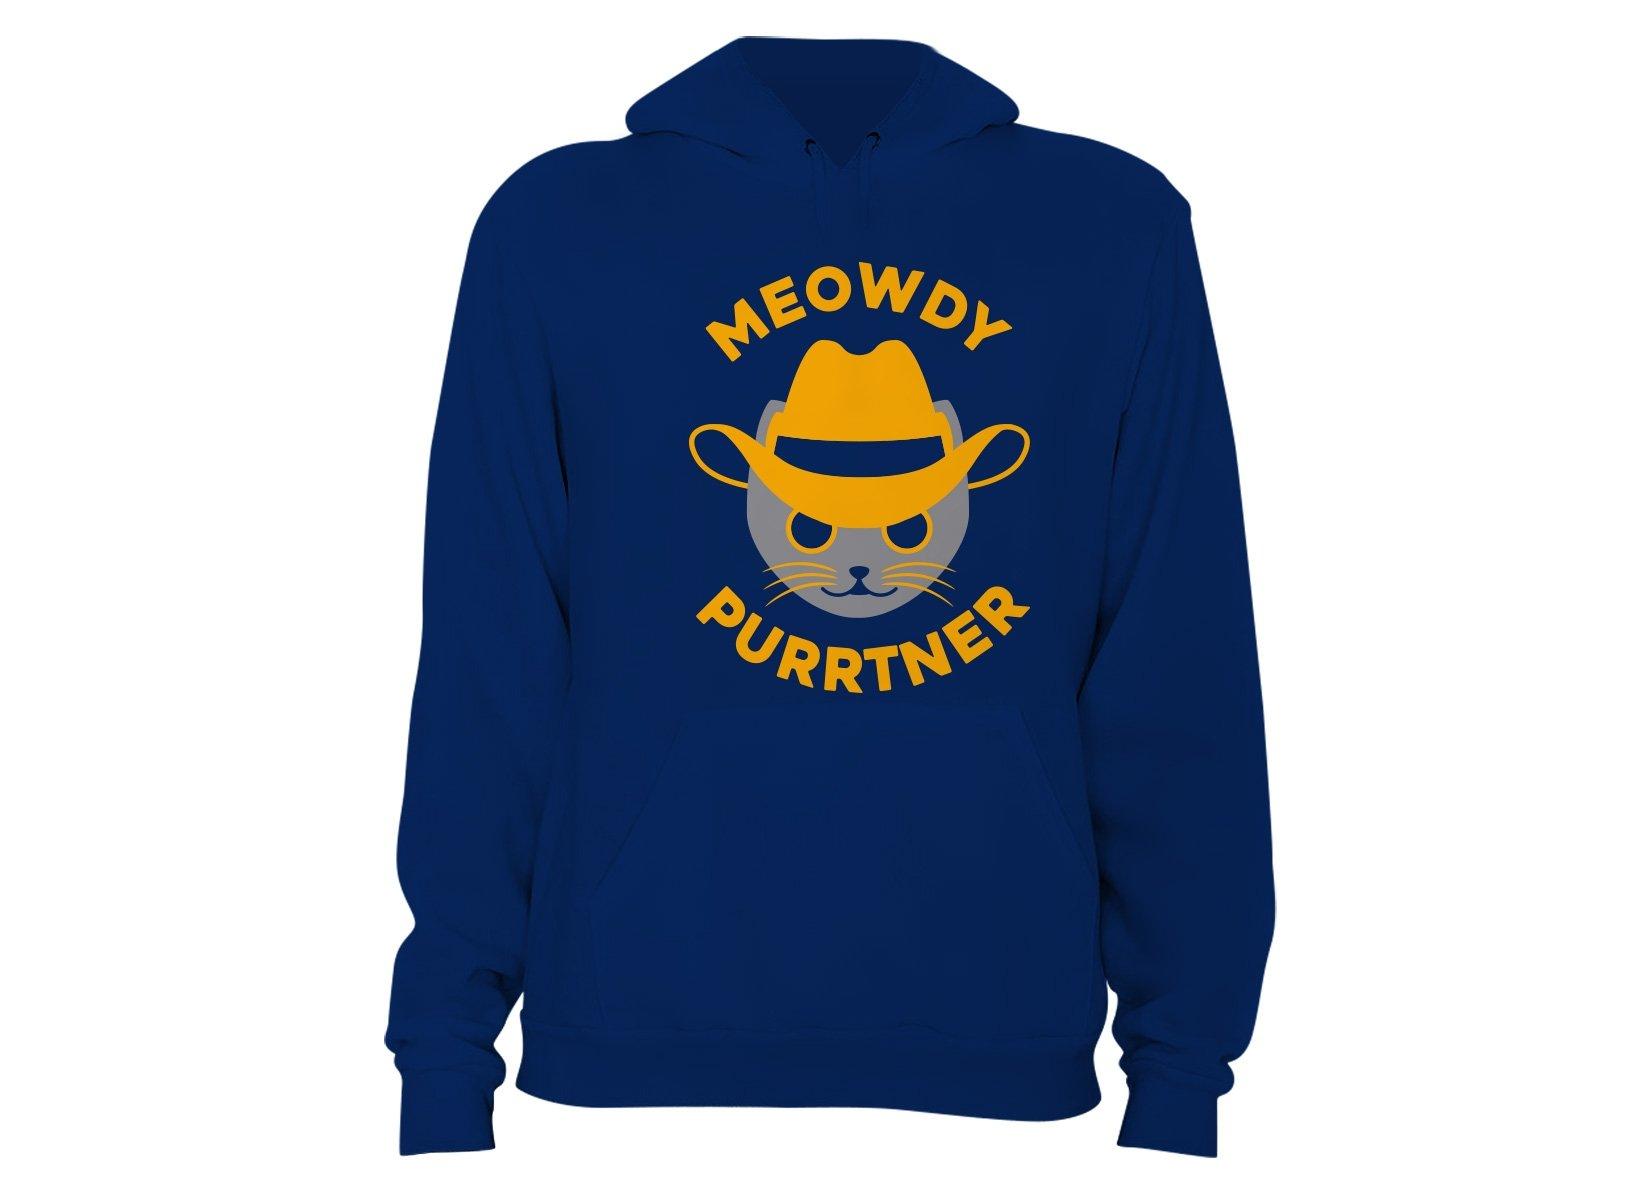 Meowdy Purrtner on Hoodie